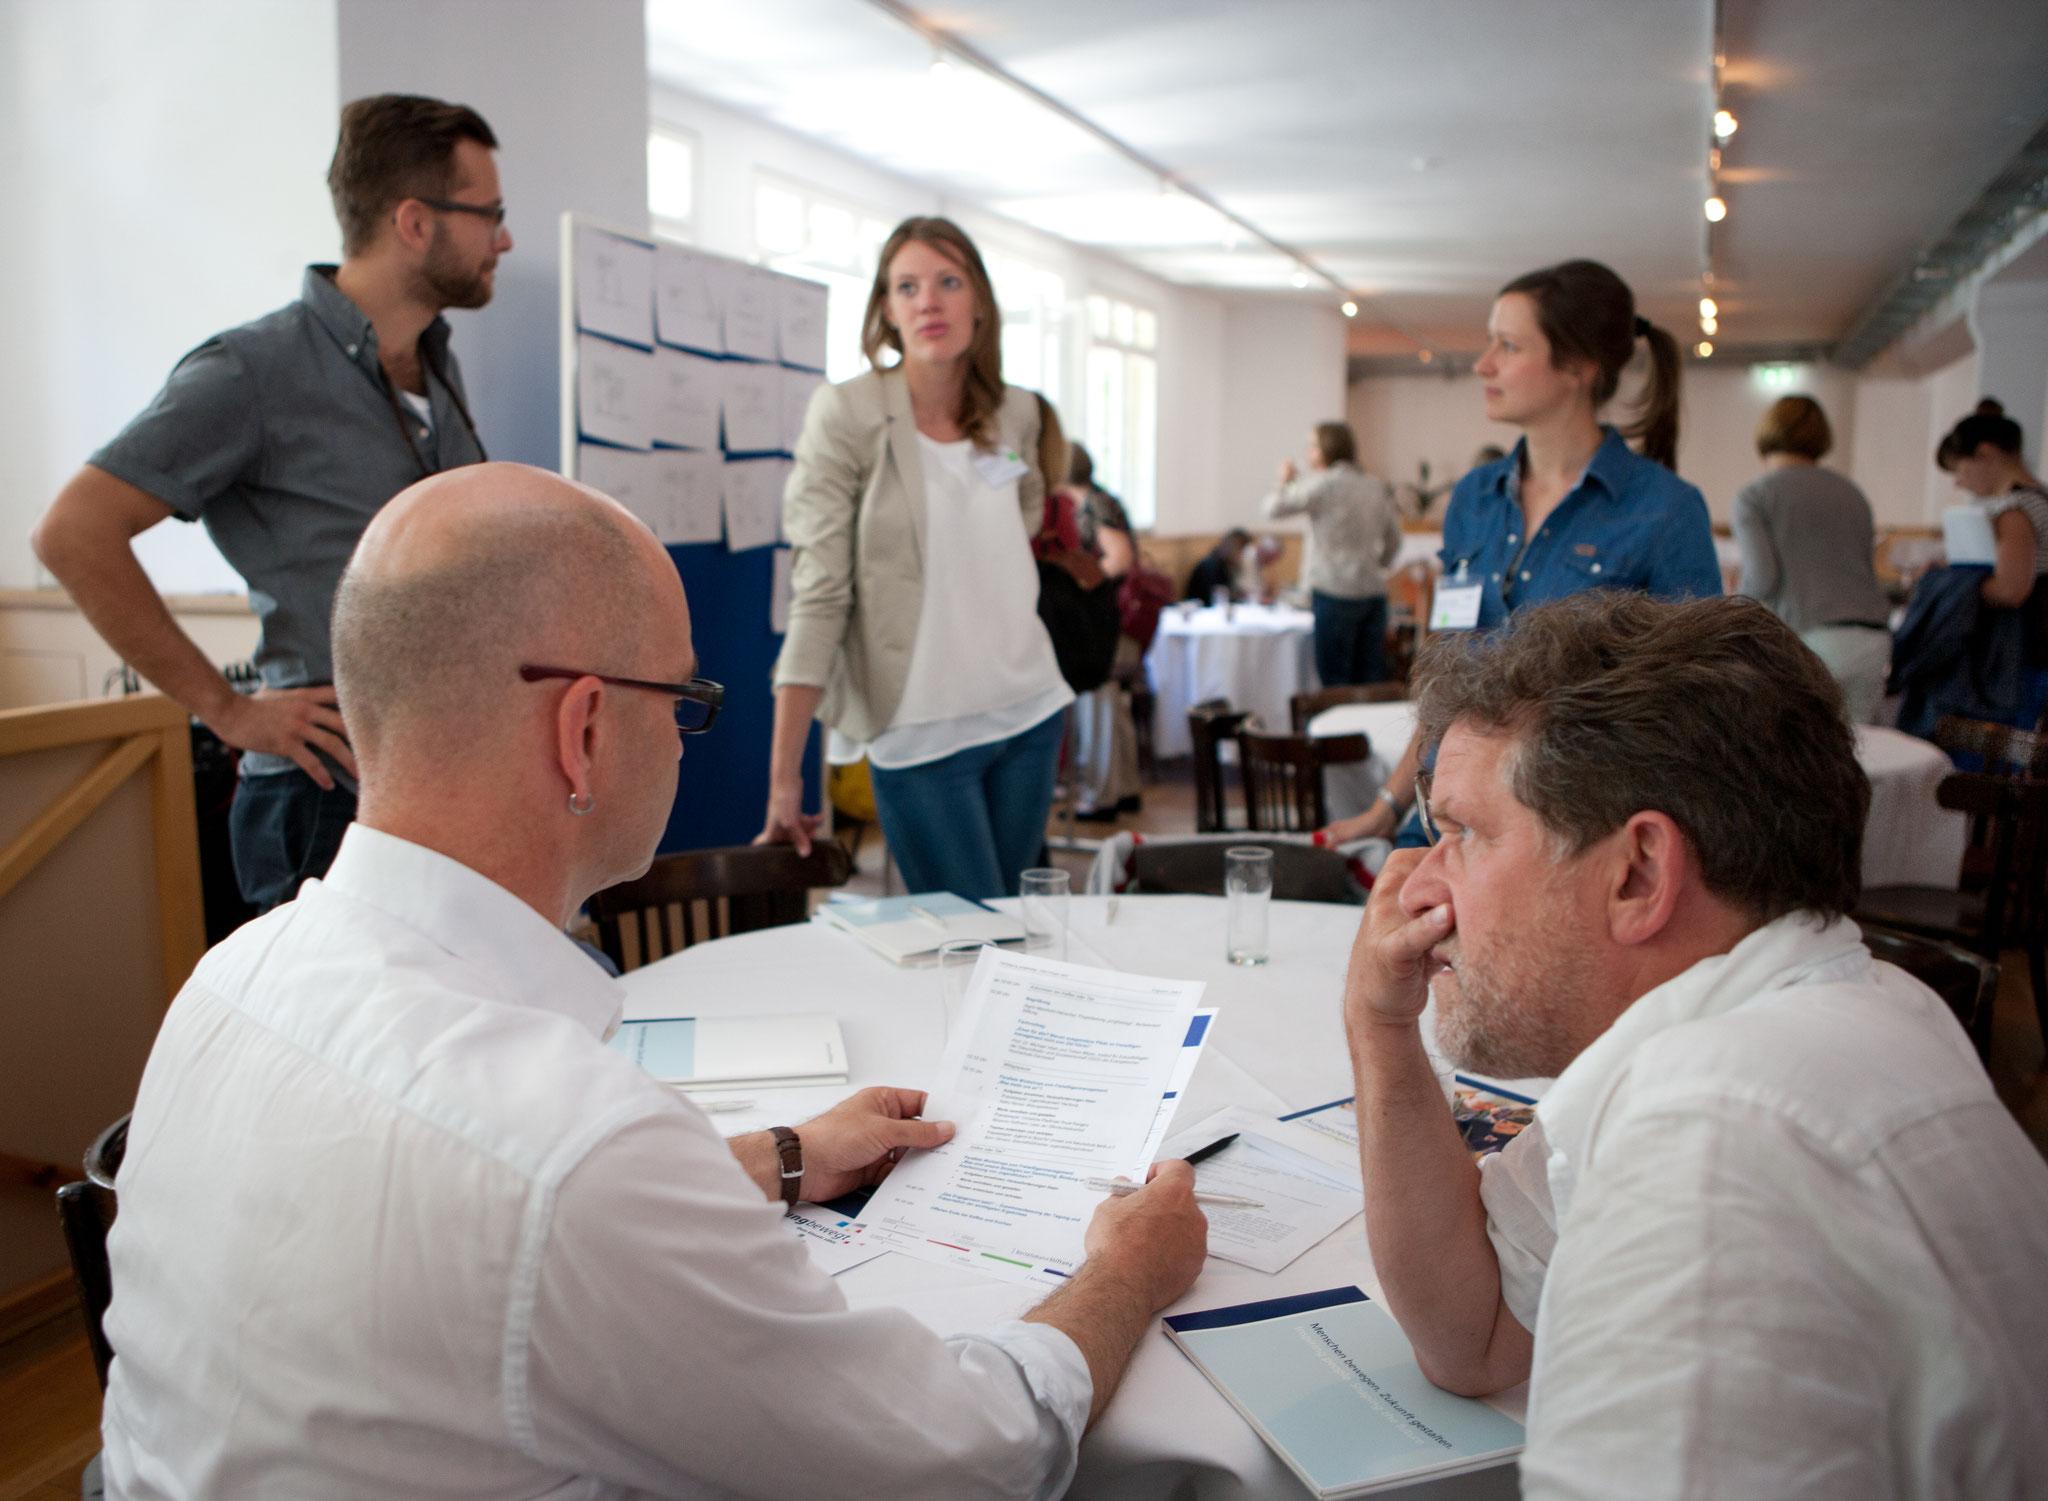 Zeit zur Diskussion und Austausch © Bertelsmann Stiftung